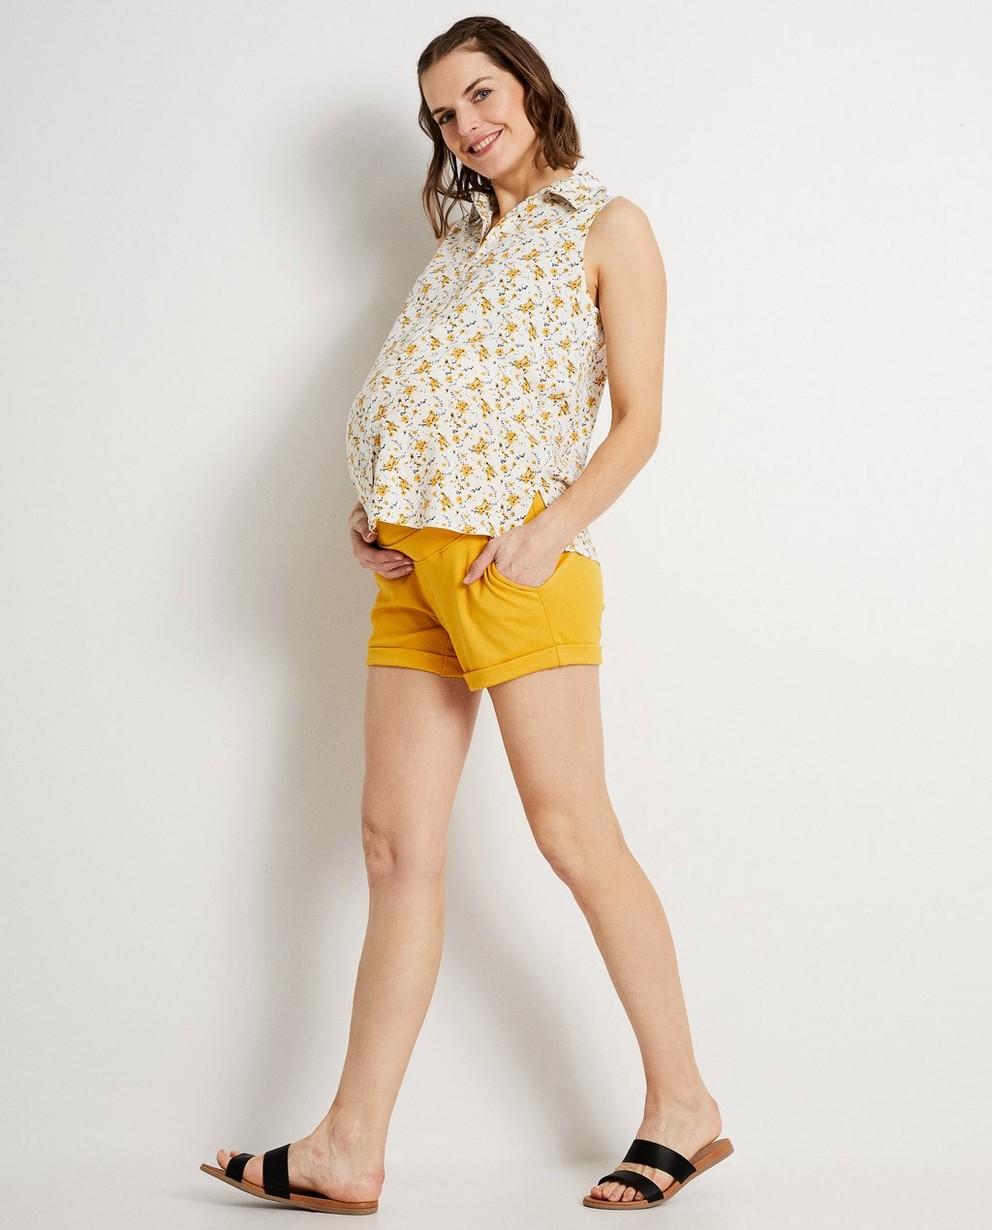 Top met bloemenprint JoliRonde - zwangerschapskledij - Joli Ronde